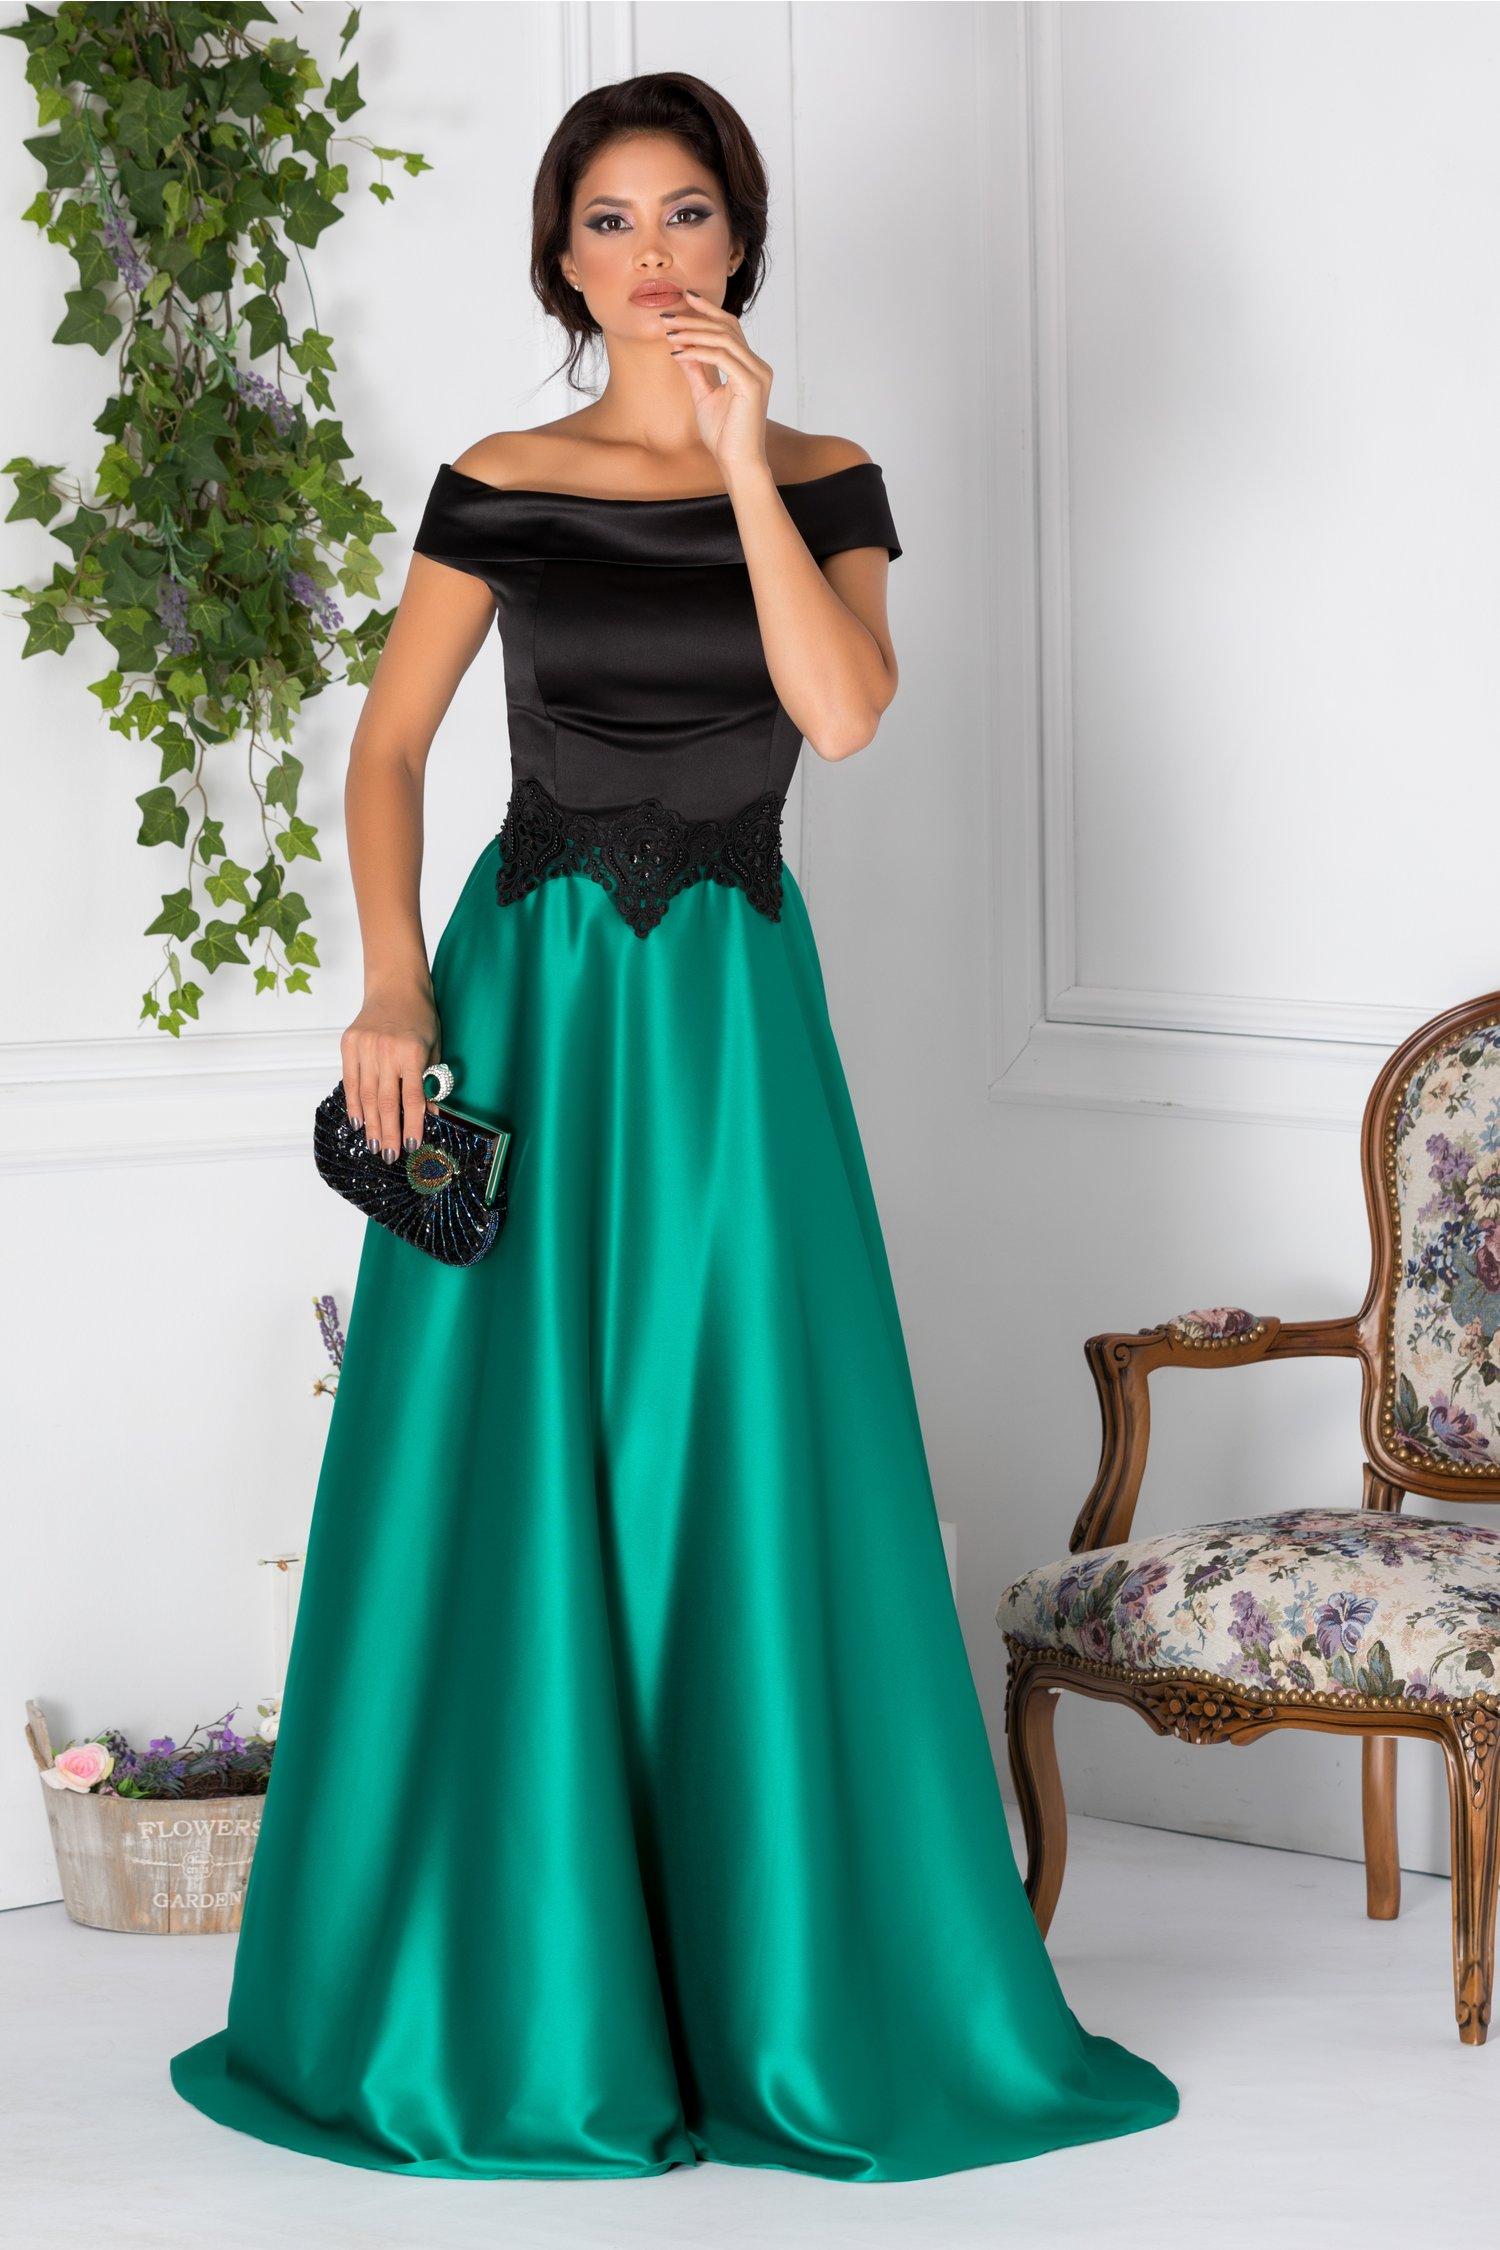 Rochie Artista Samia lunga verde si negru cu broderie